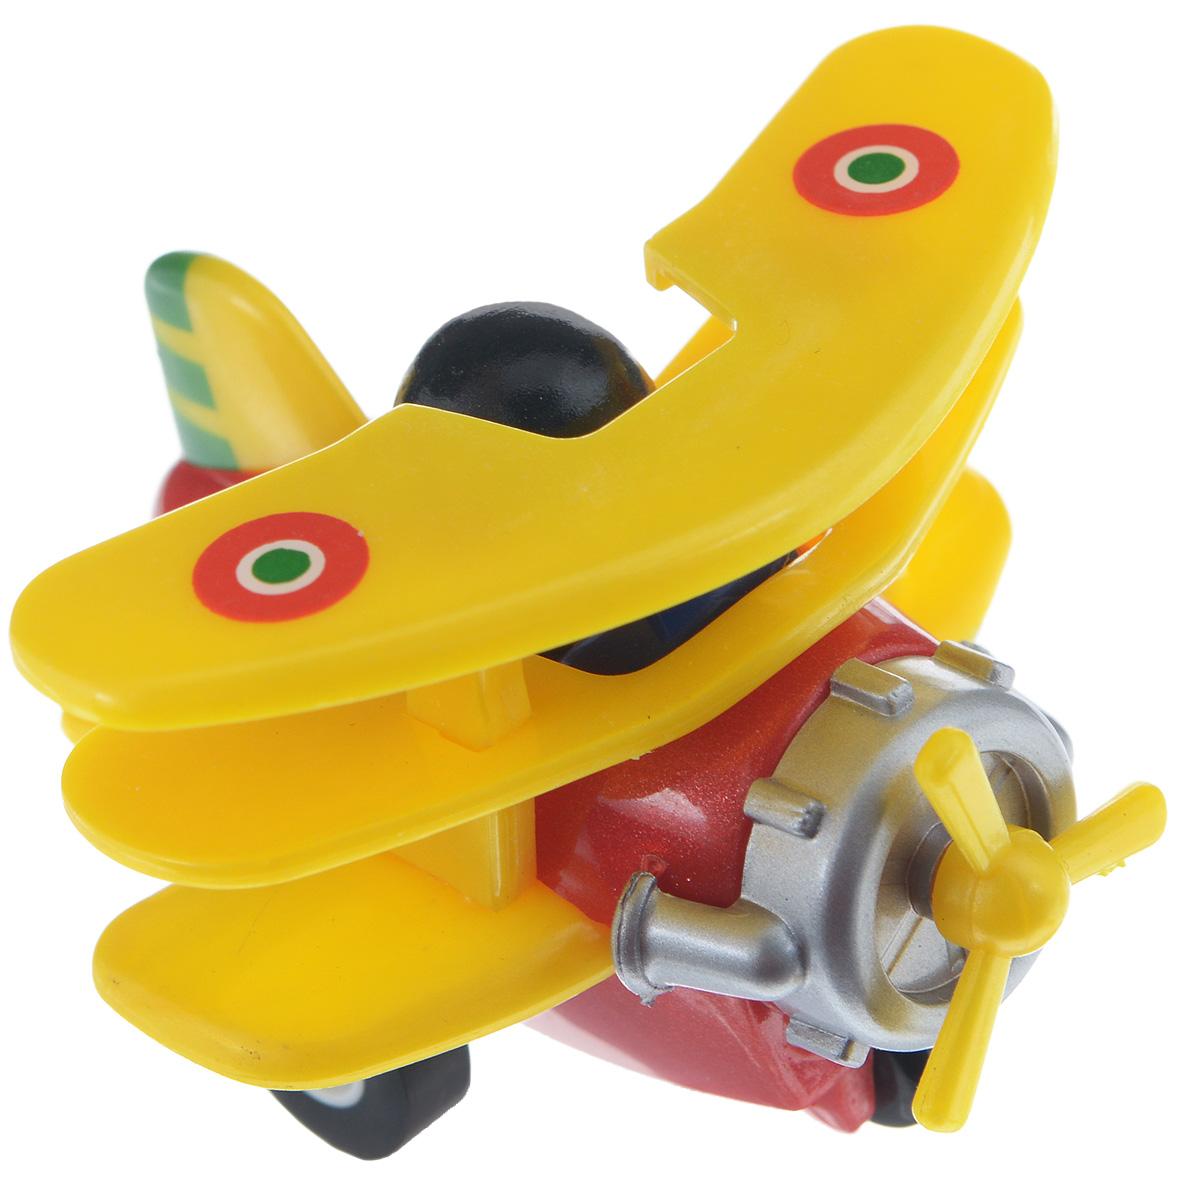 Hans Самолет инерционный цвет желтый красный